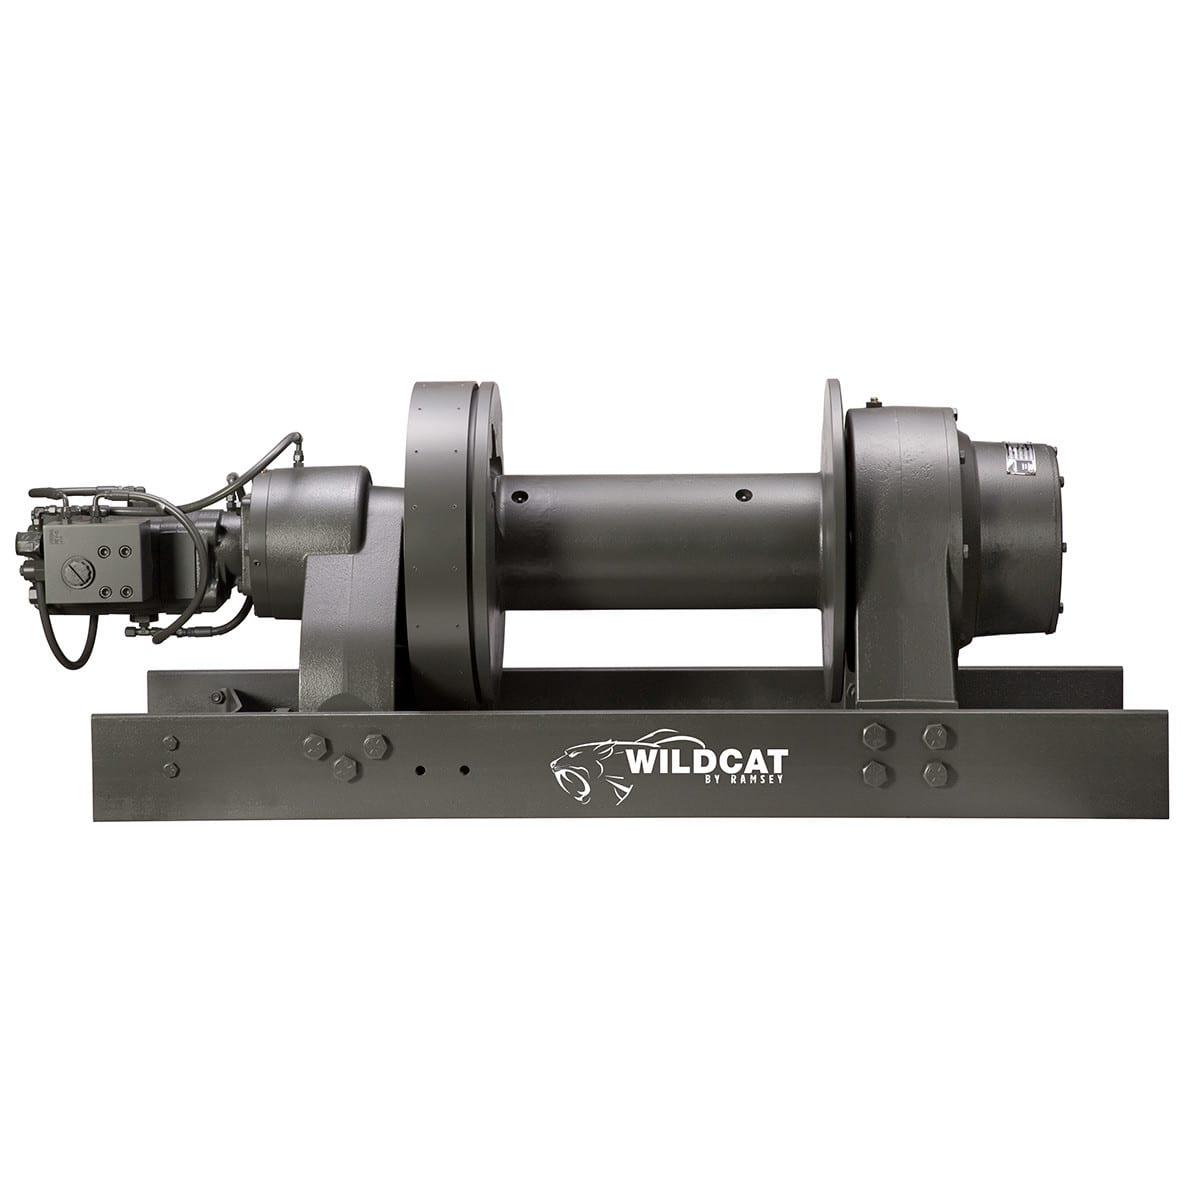 WILDCAT-60K